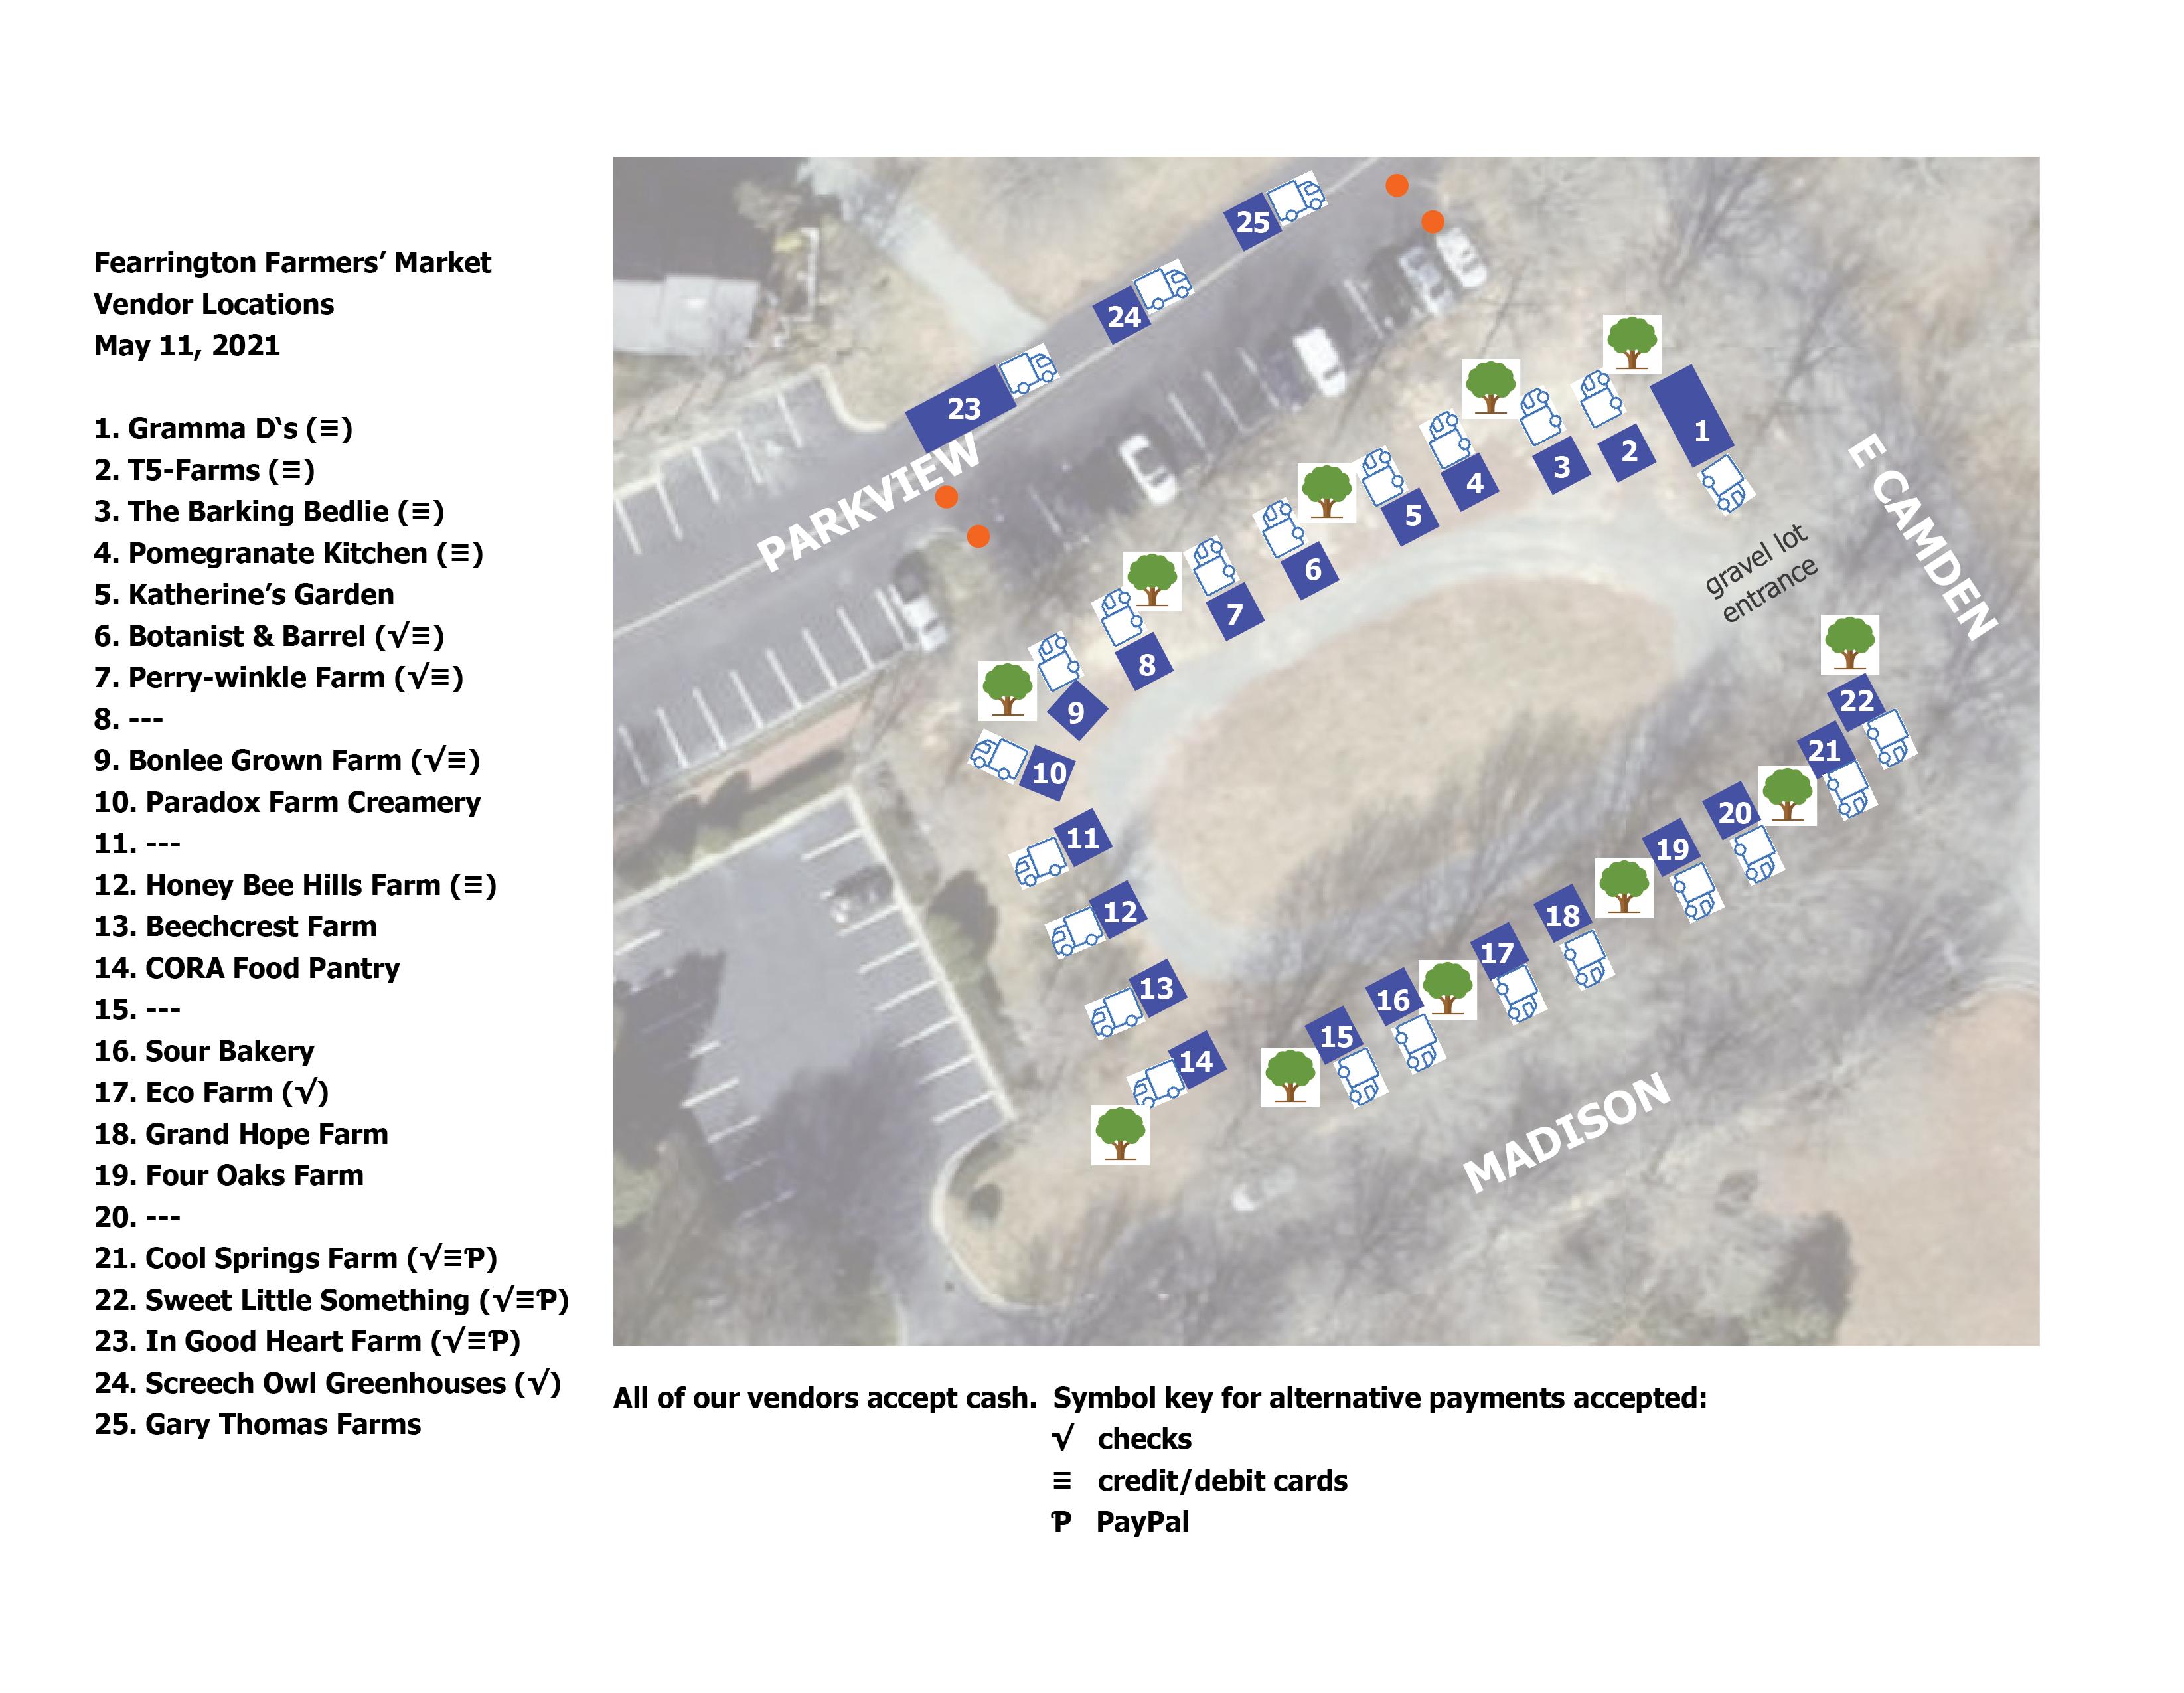 ffm vendor map 051121